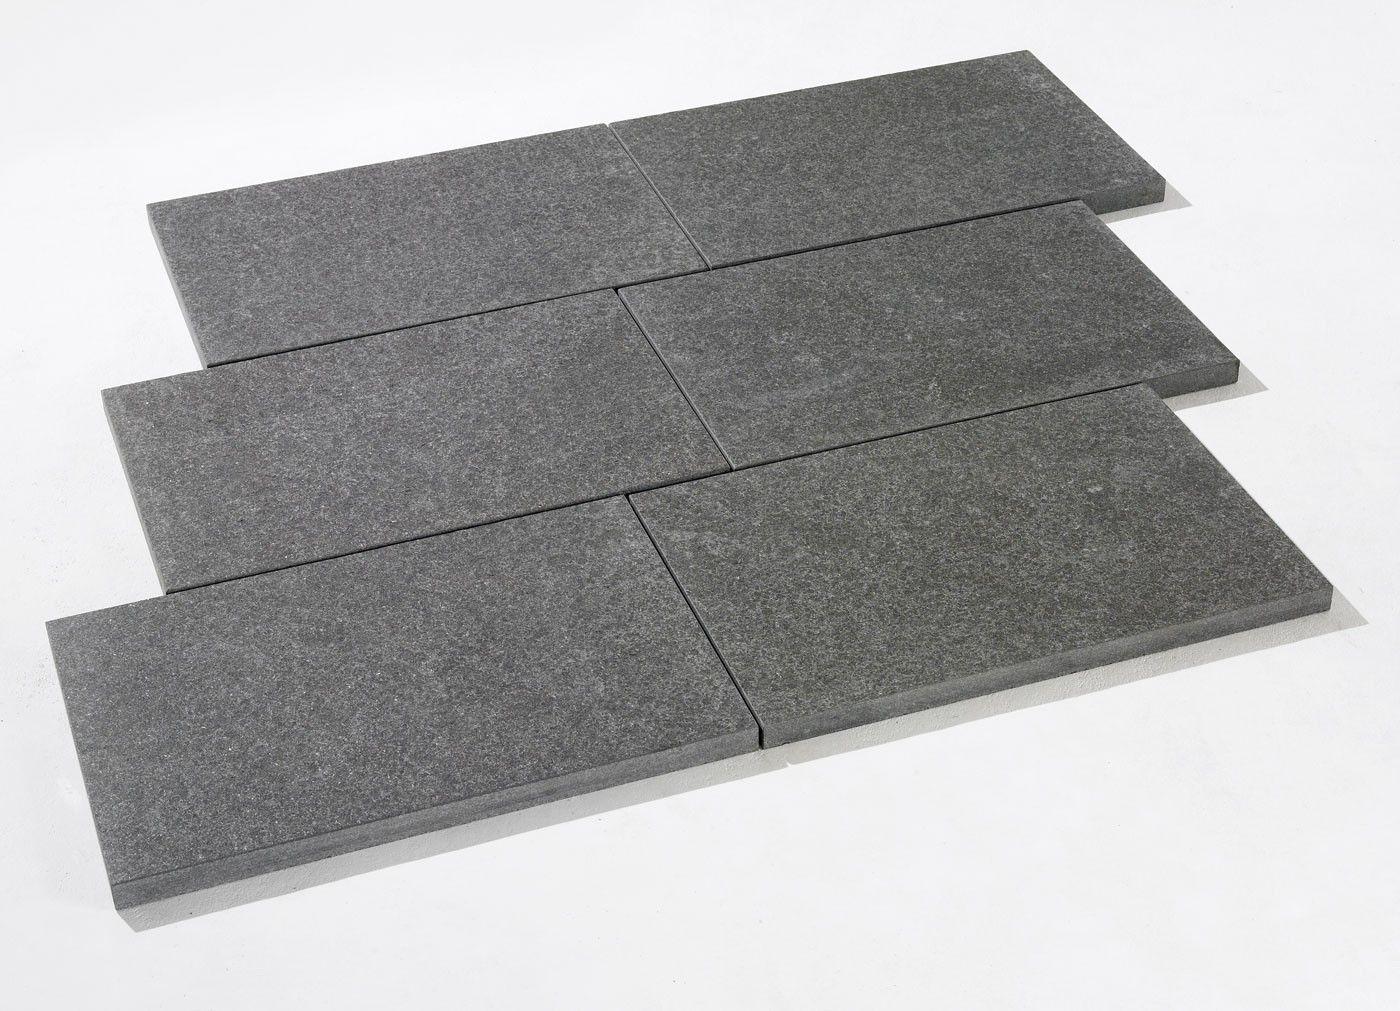 les 25 meilleures id es de la cat gorie dalle granit sur pinterest dalle de granit fissure. Black Bedroom Furniture Sets. Home Design Ideas